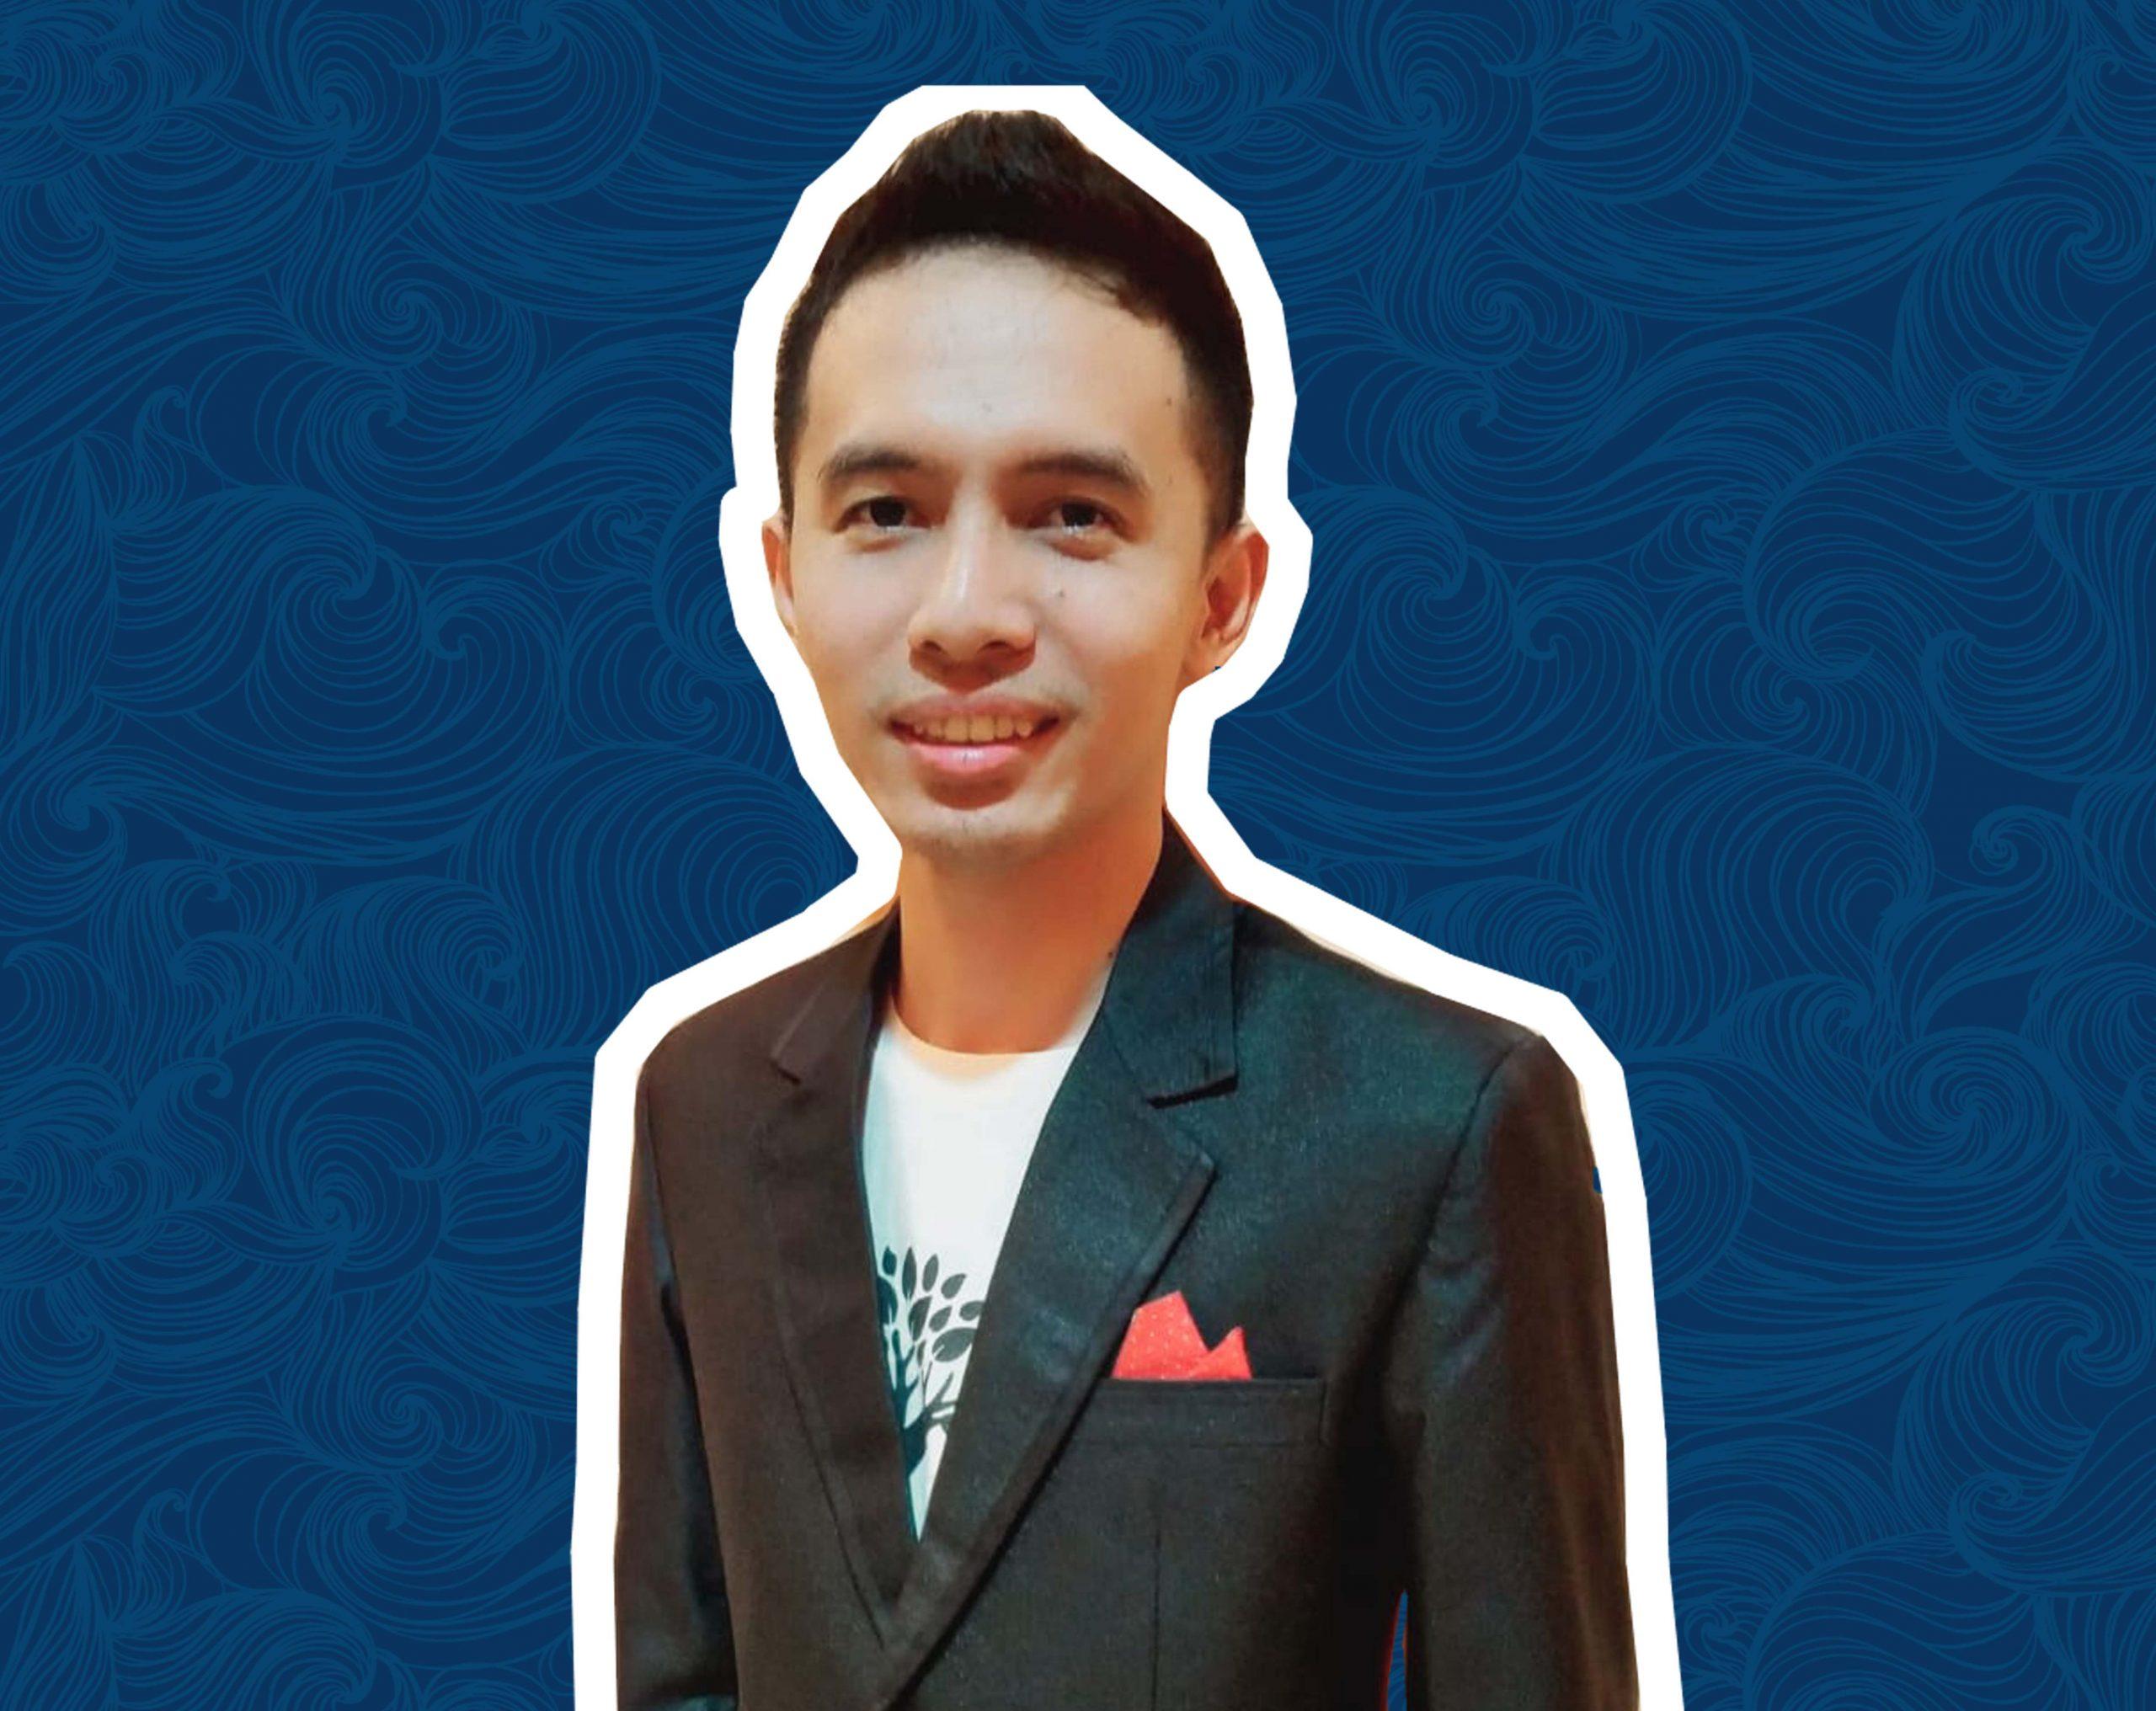 thumb_agung nugroho